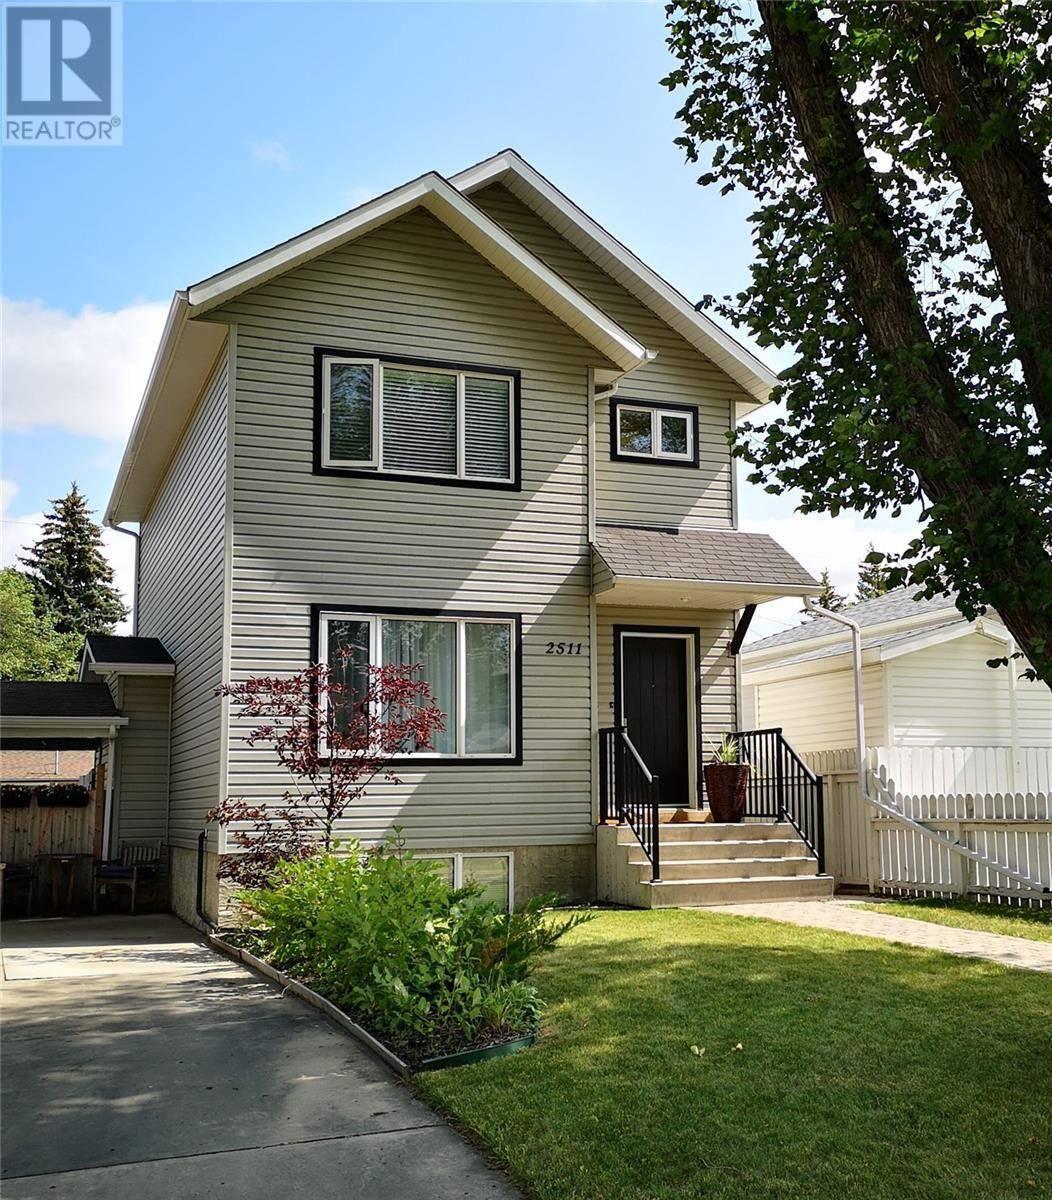 House for sale at 2511 Kelvin Ave Saskatoon Saskatchewan - MLS: SK784020